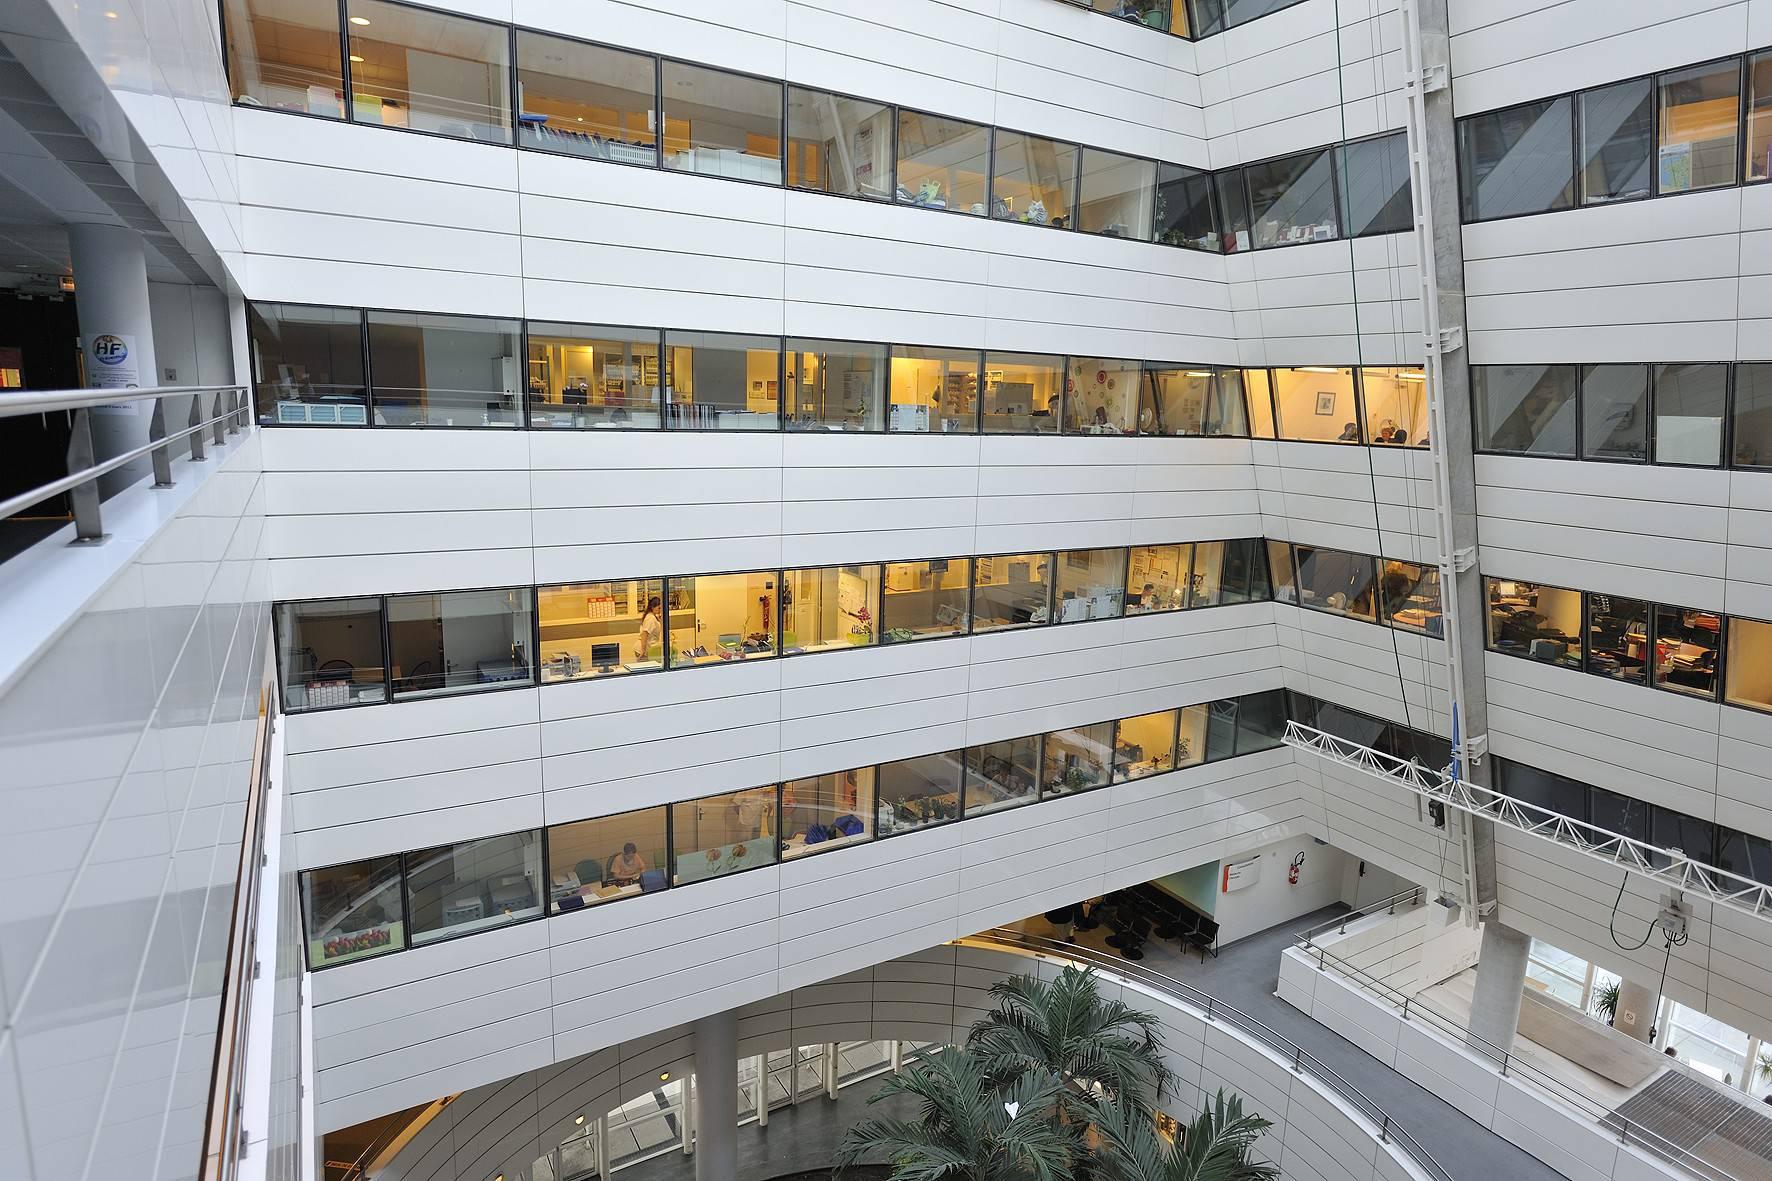 umowa przedwstpna na zakup mieszkania kredyt hp ofertas impresoras